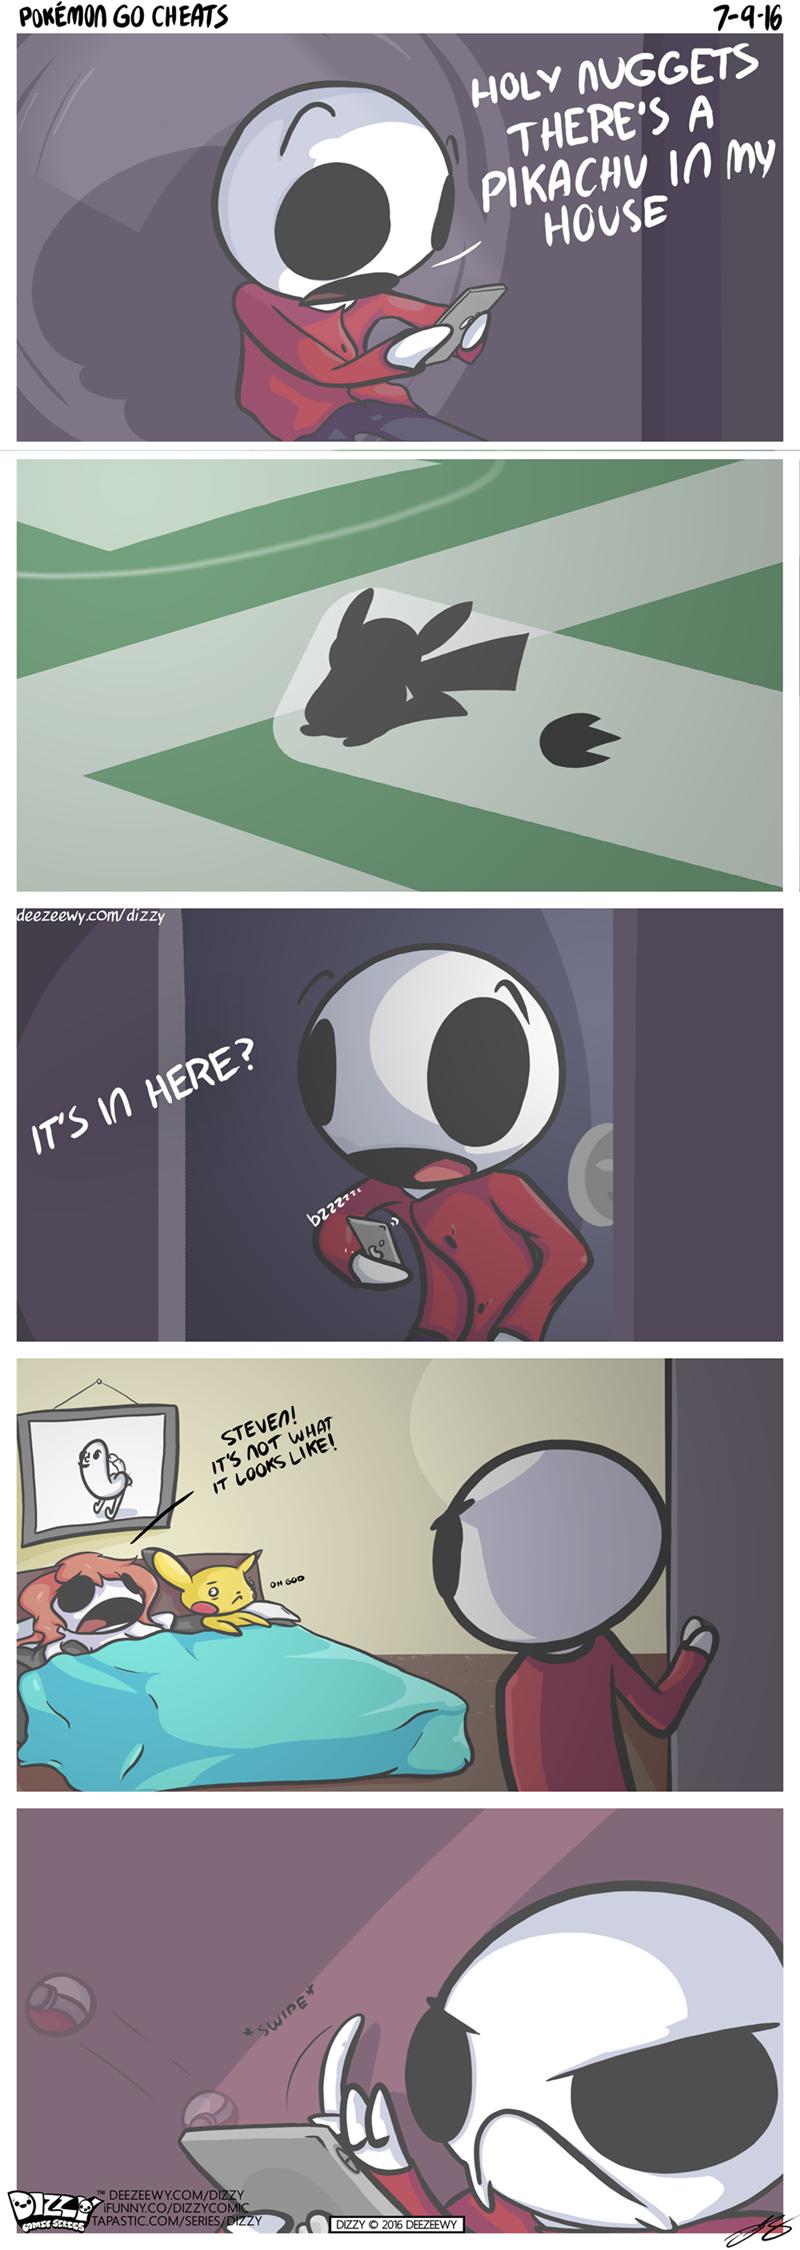 pokemon-go-interiores-comic